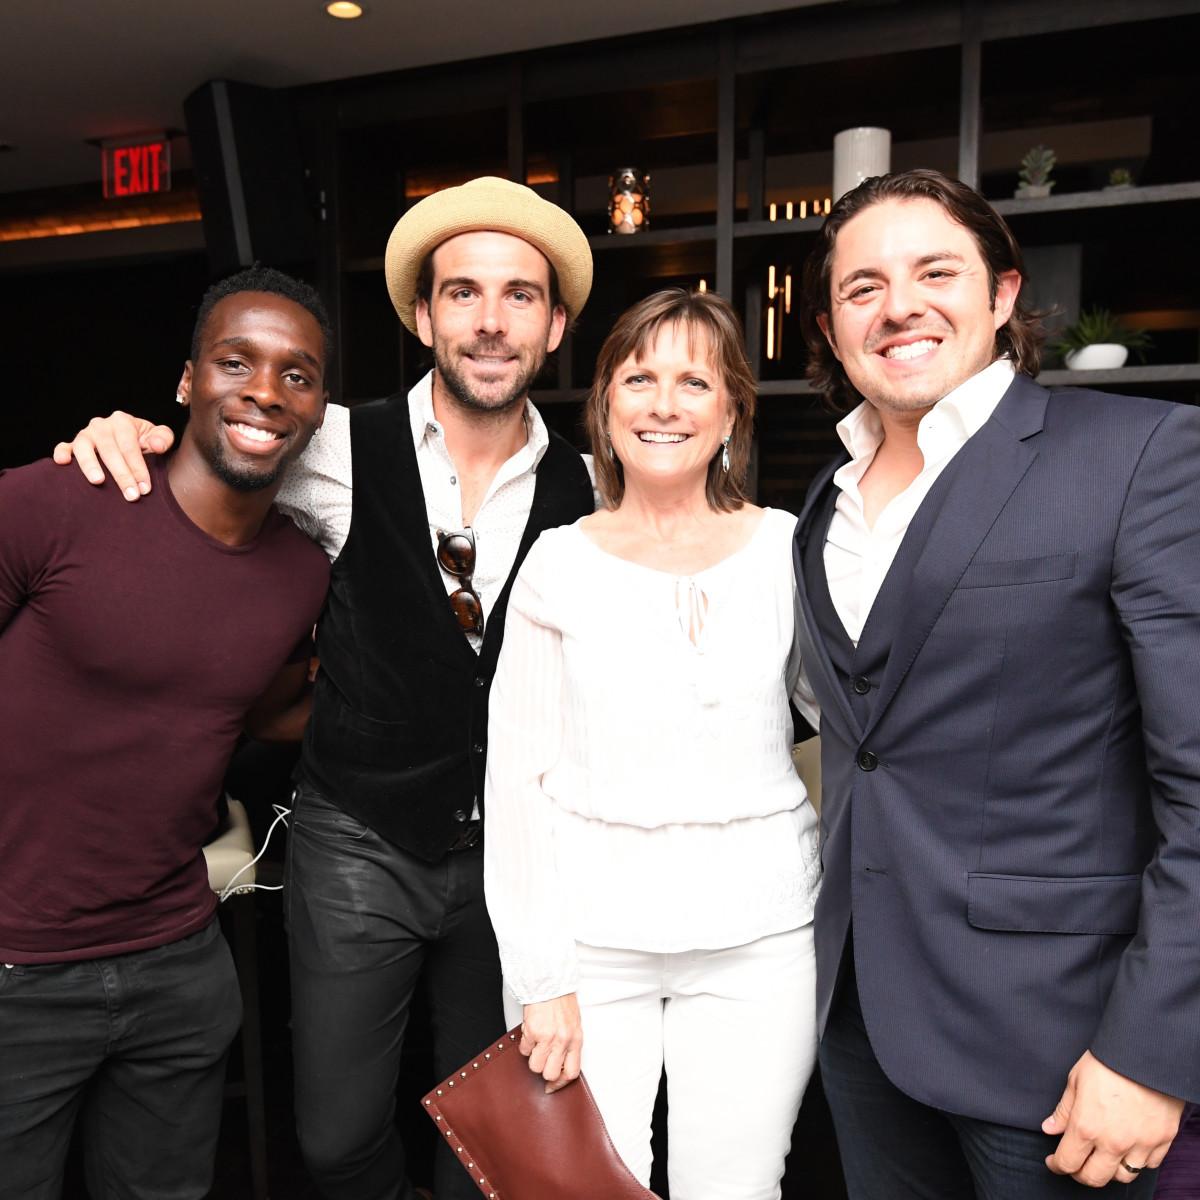 Steak 48 Opening dinners, 6/16, Chijioke Akujuobi, Michael Chabala, Lori Chabala, Rafael Martinez.